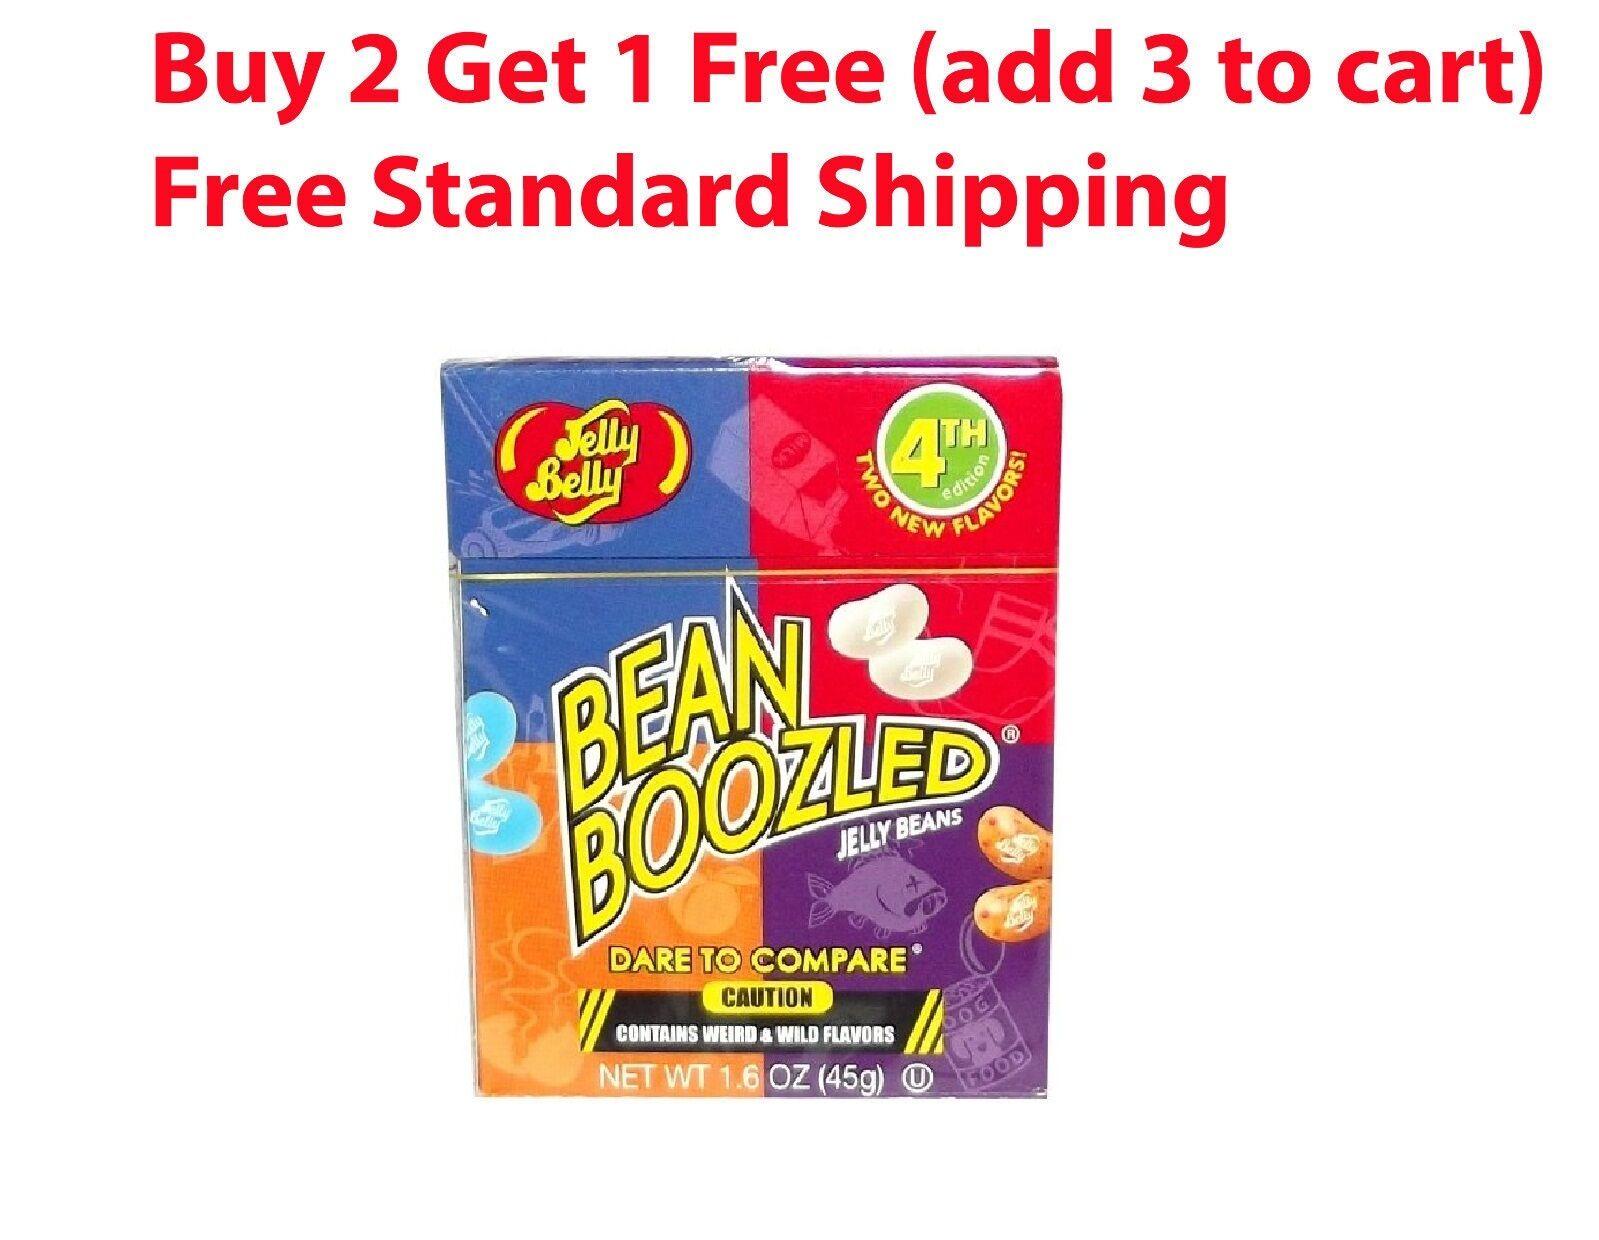 Bean Boozled Jelly Belly 1.6 oz 4th Edition Weird Wild beanb